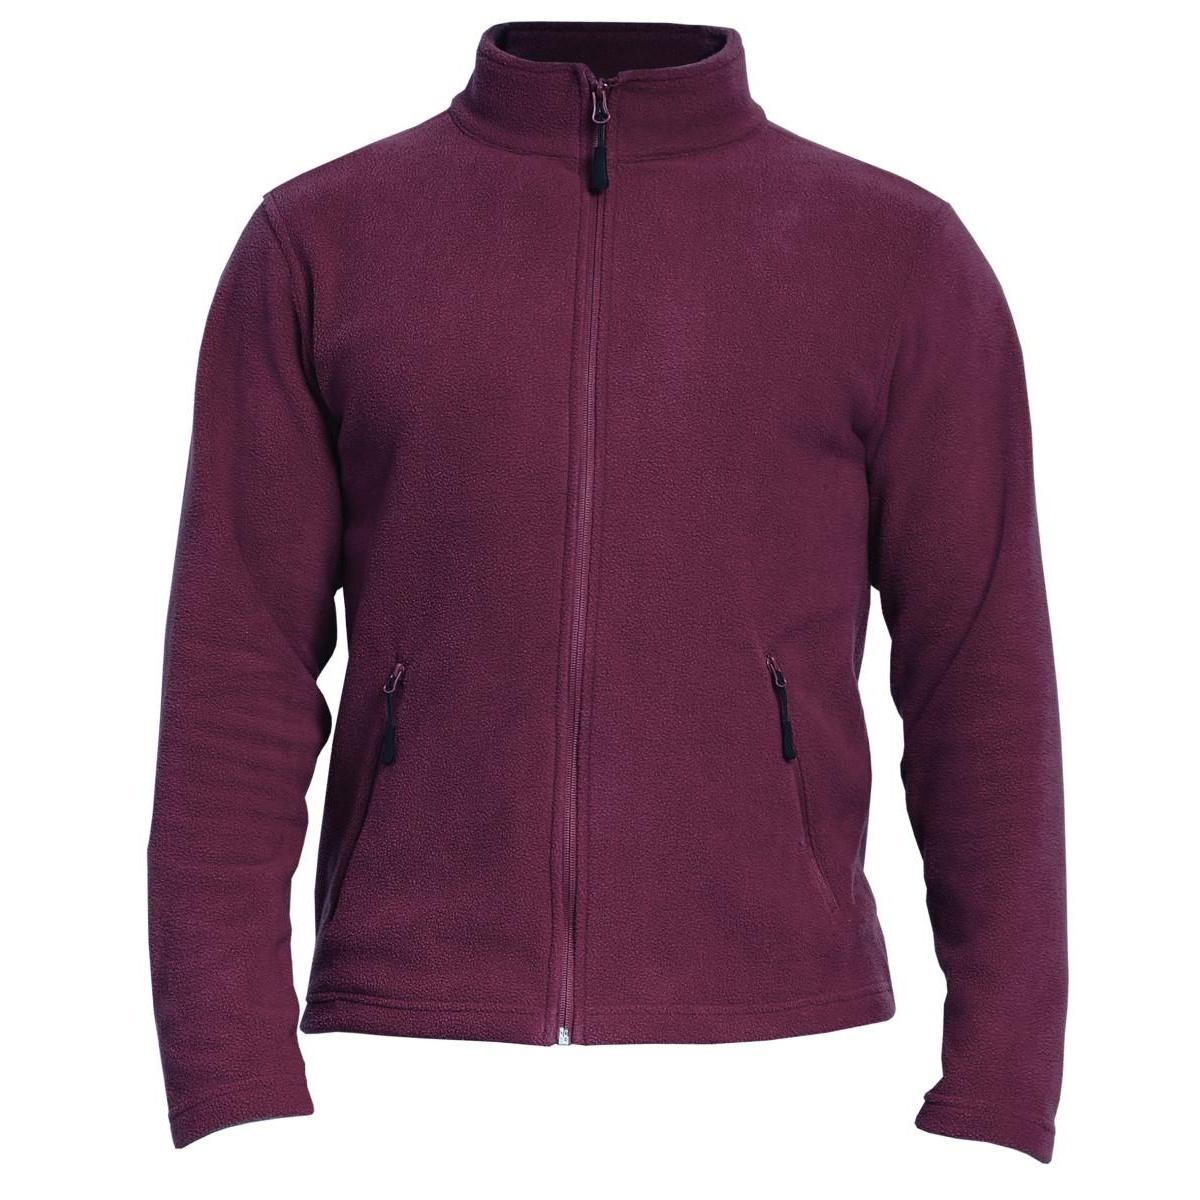 Gildan Adults Unisex Hammer Micro-Fleece Jacket (M) (Maroon)